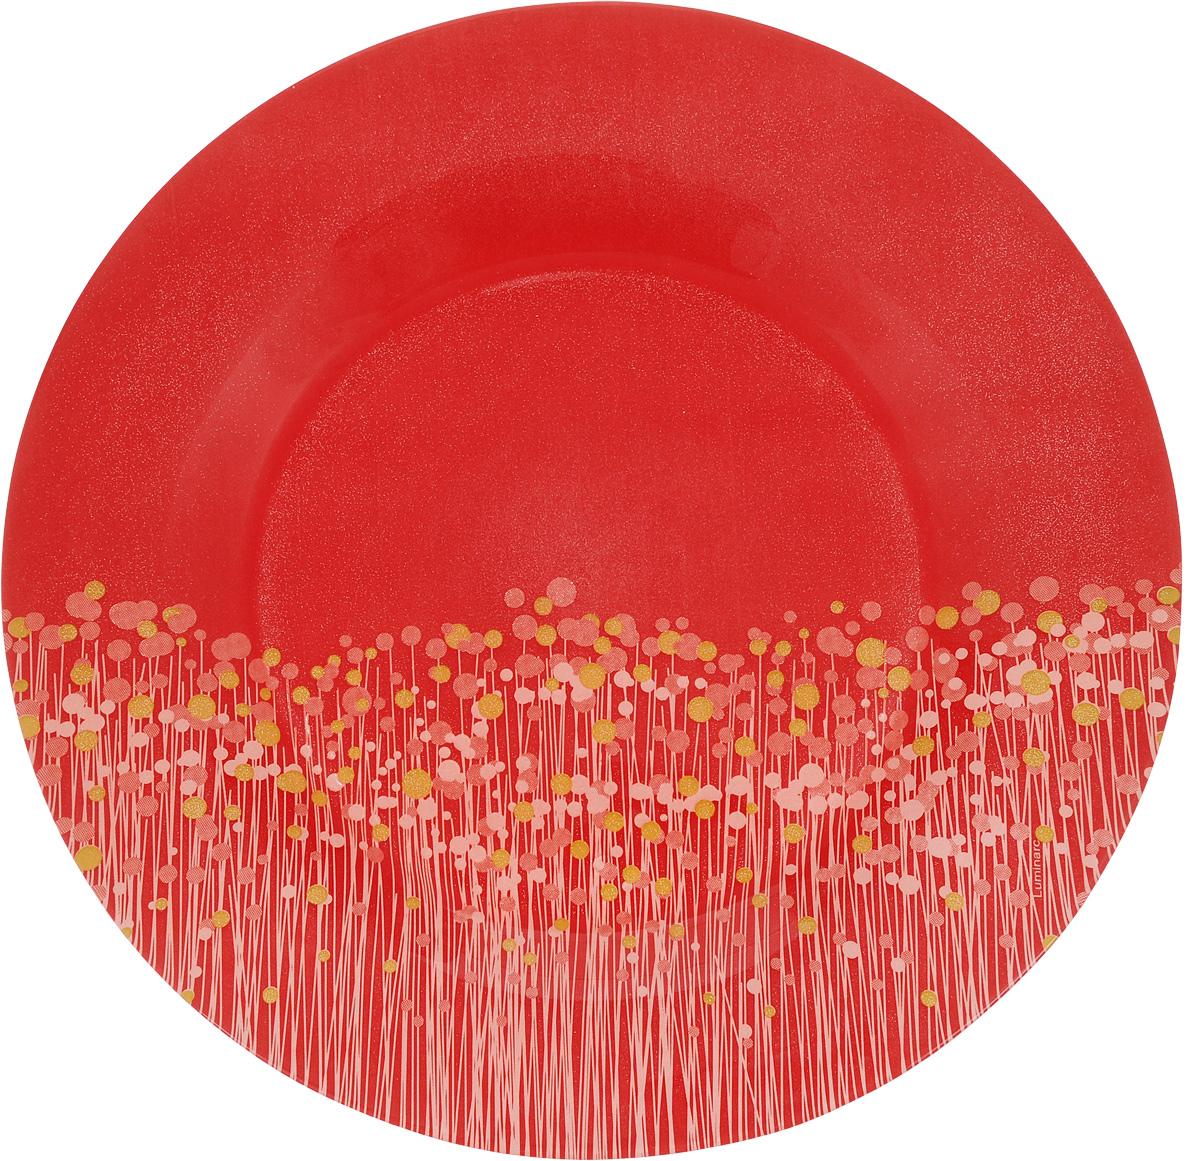 Тарелка Luminarc Flowerfield Red, диаметр 25 смH2482Яркая тарелка Luminarc Flowerfield Red выполнена из ударопрочного стекла и имеет классическую круглую форму. Она прекрасно впишется в интерьер вашей кухни и станет достойным дополнением к кухонному инвентарю. Тарелка Luminarc Flowerfield Red подчеркнет прекрасный вкус хозяйки и станет отличным подарком. Диаметр тарелки (по верхнему краю): 25 см.